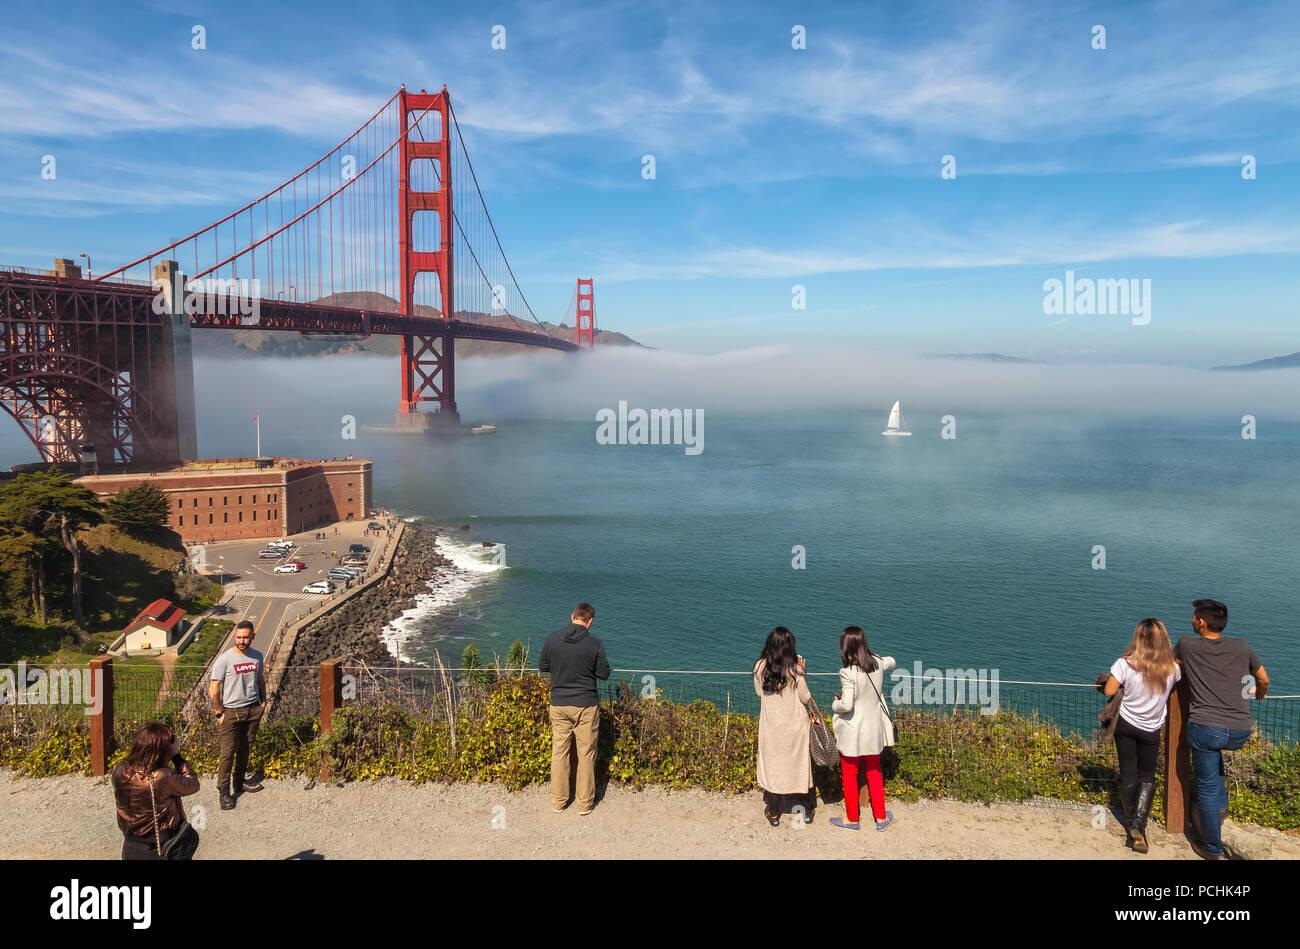 Visitantes en el puente Golden Gate, San Francisco, California, Estados Unidos. Imagen De Stock